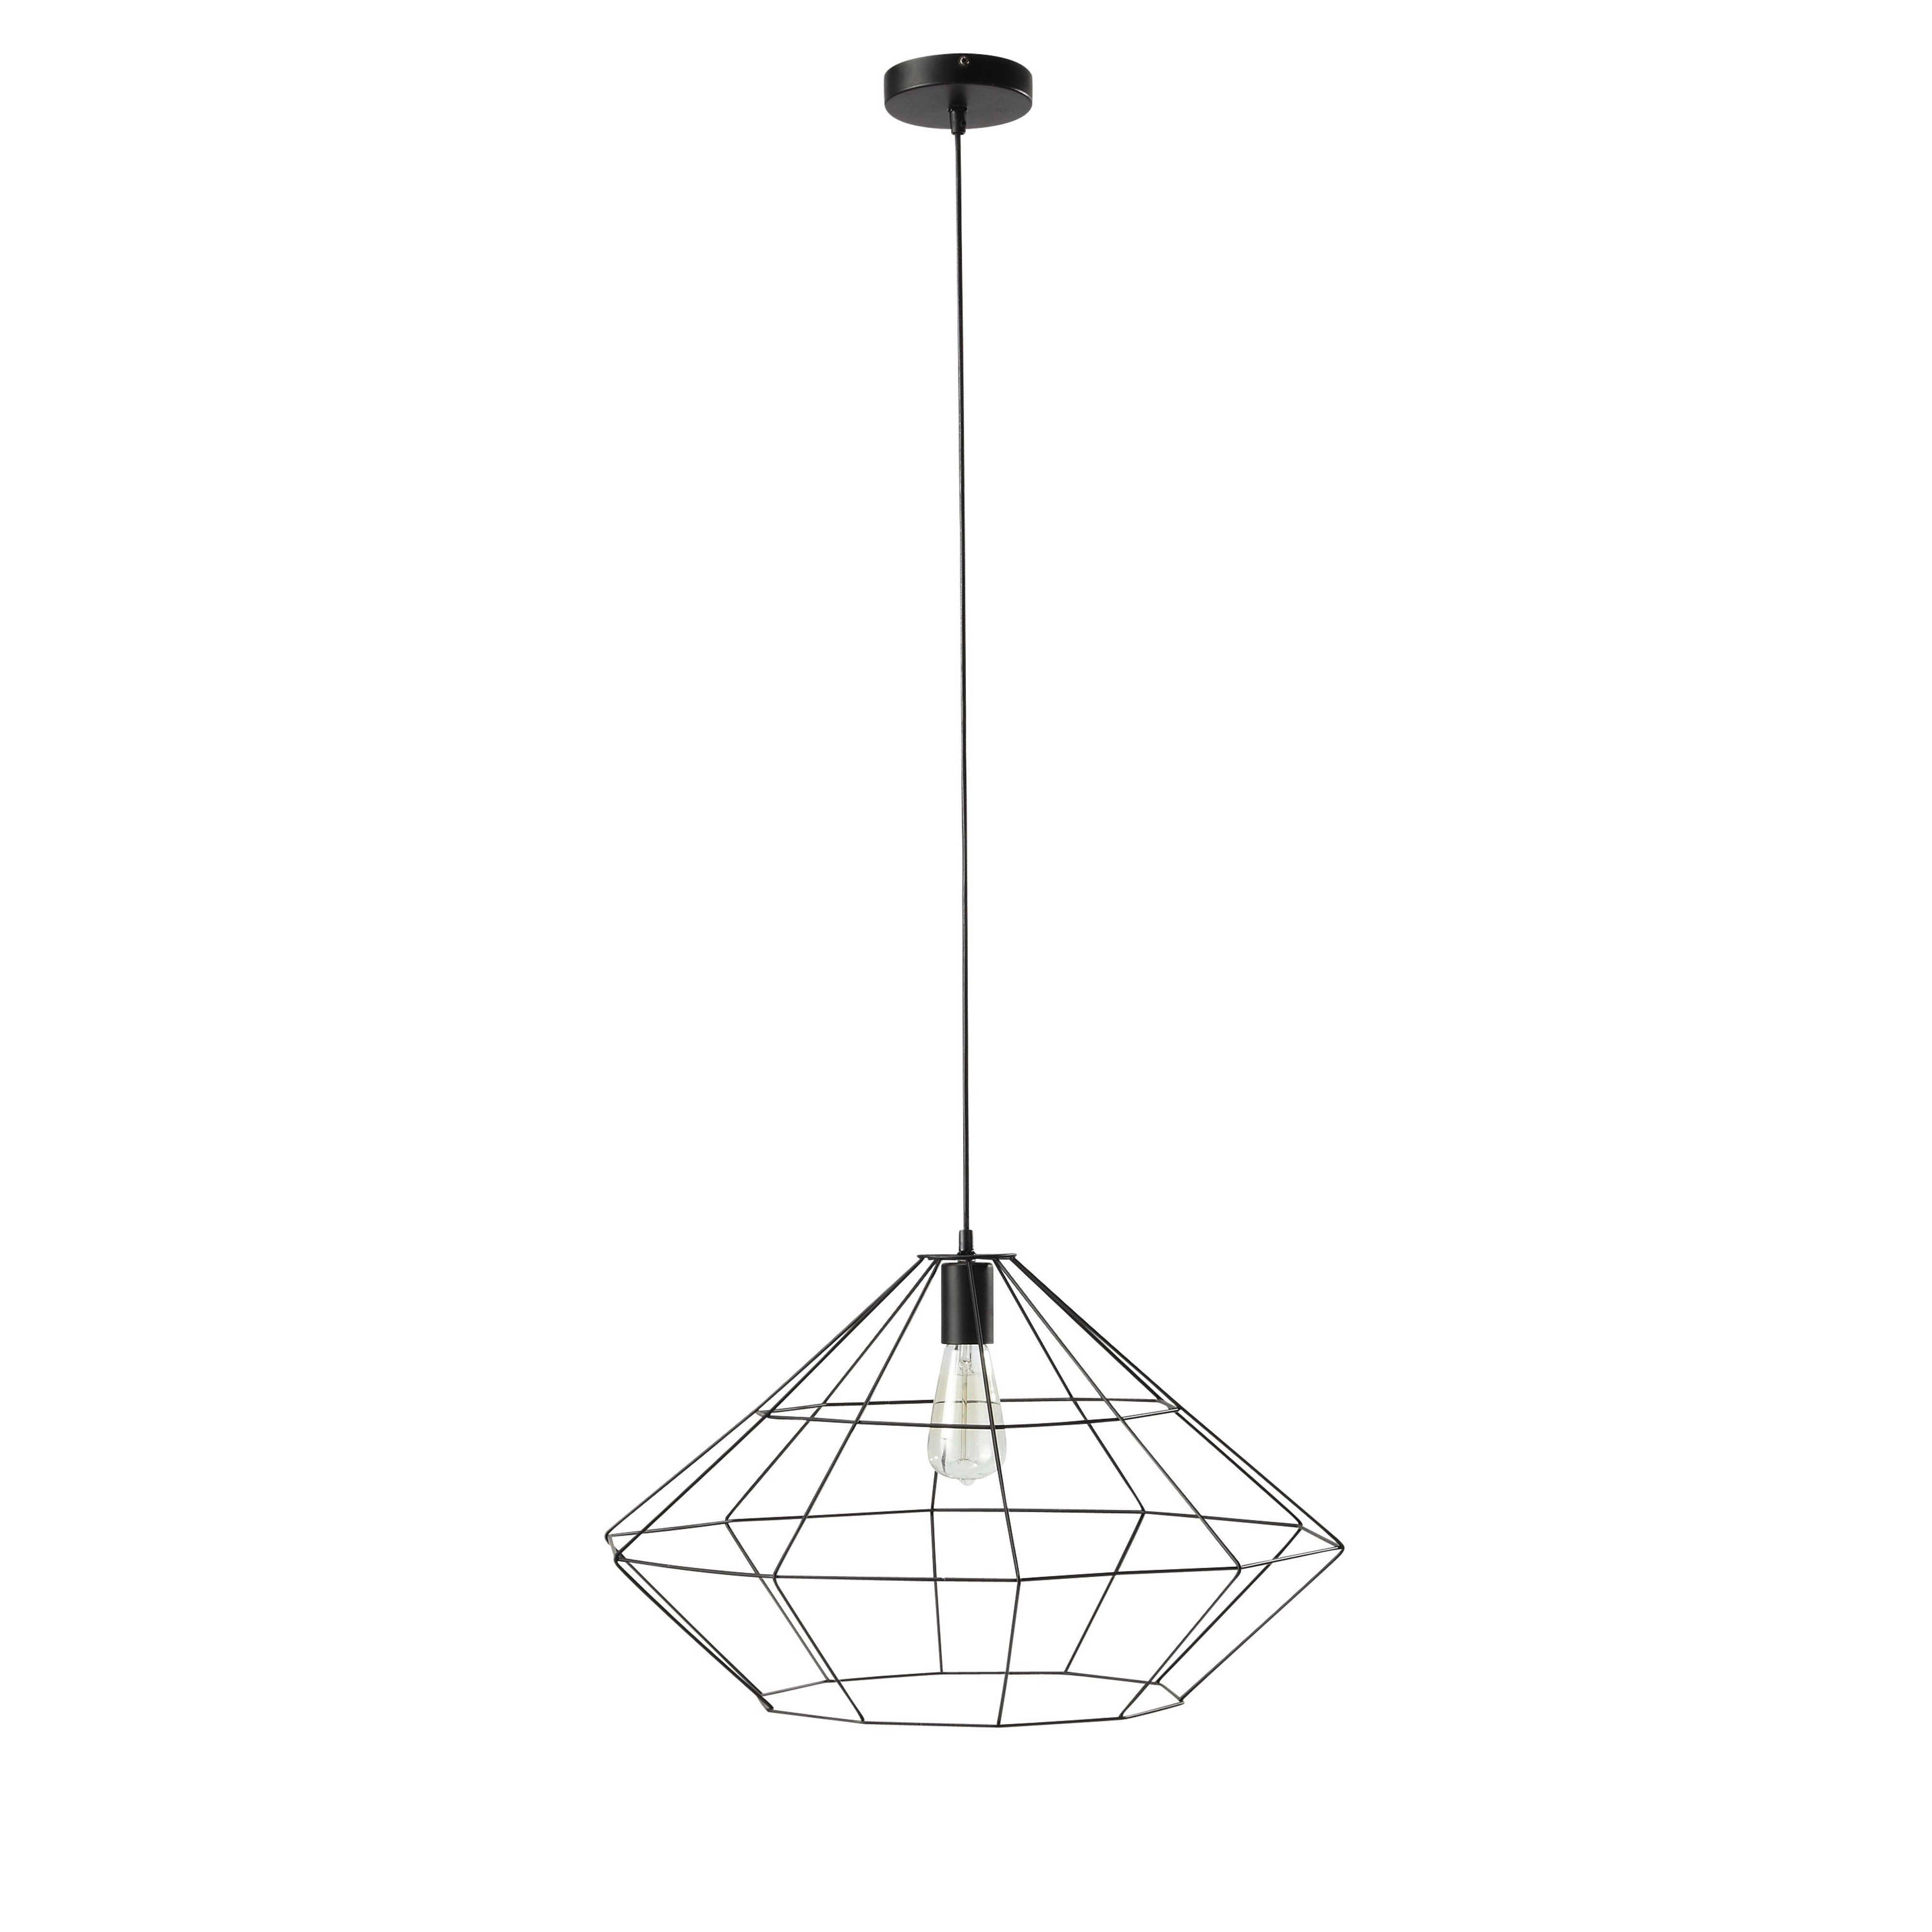 Hängeleuchte aus schwarzem Metall B57 | Einrichtung | Pinterest ...